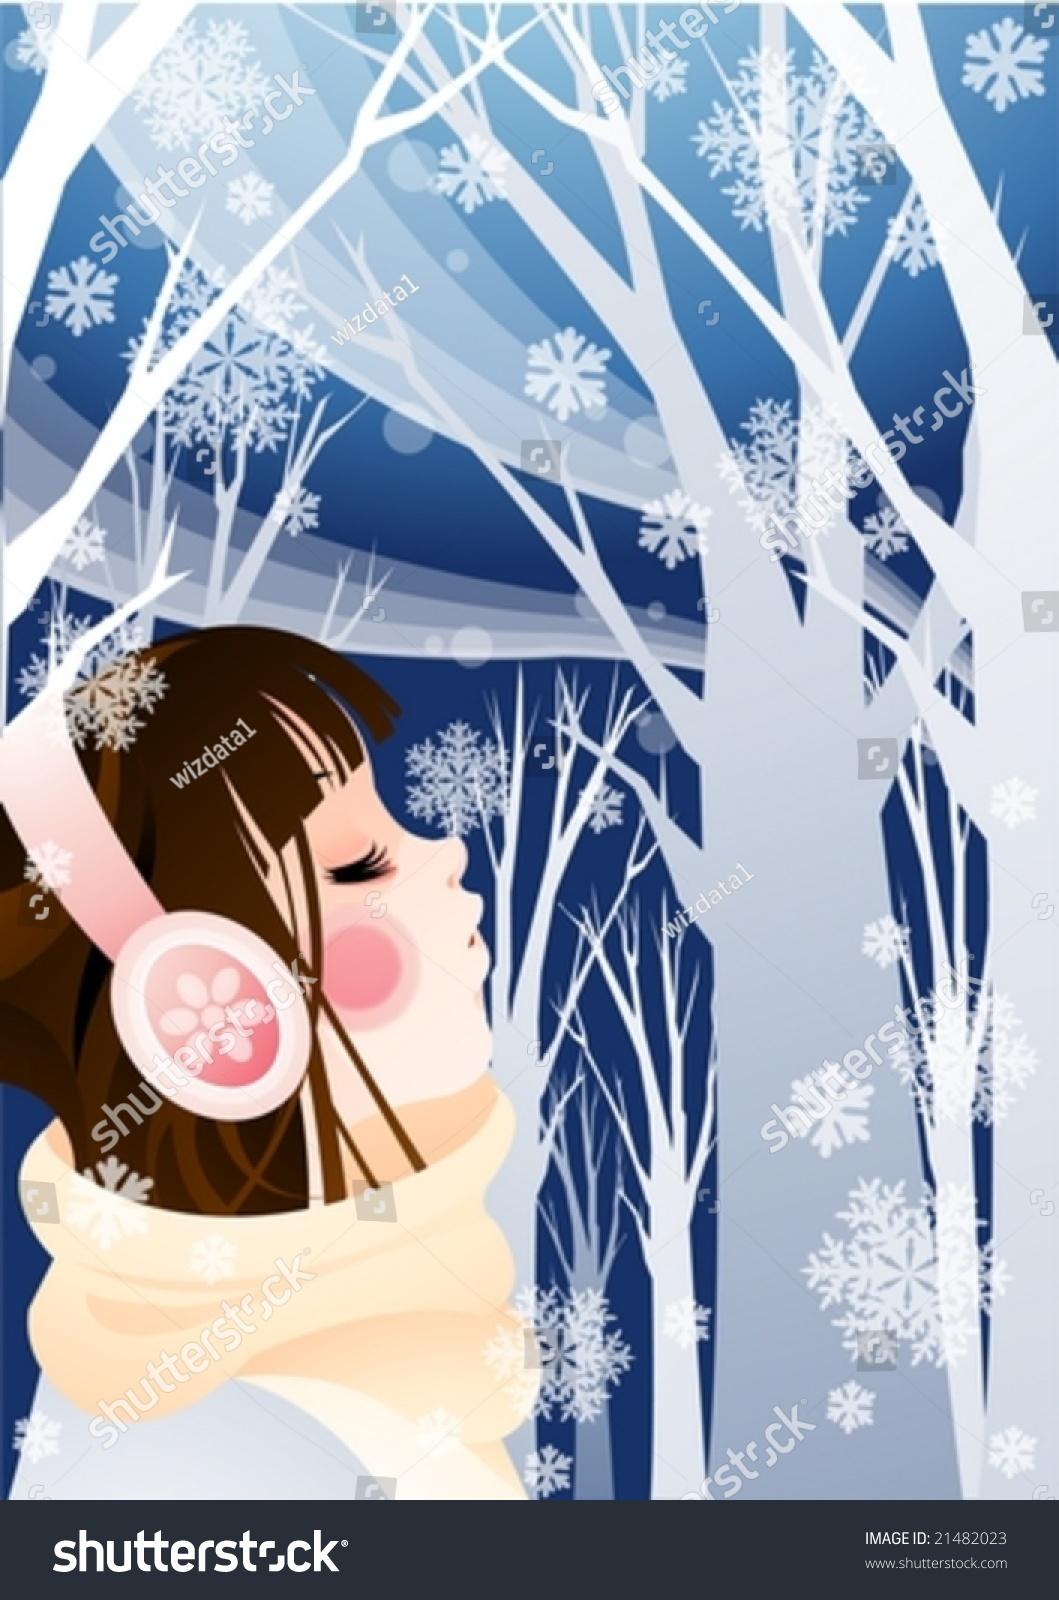 微信头像冬季风景类